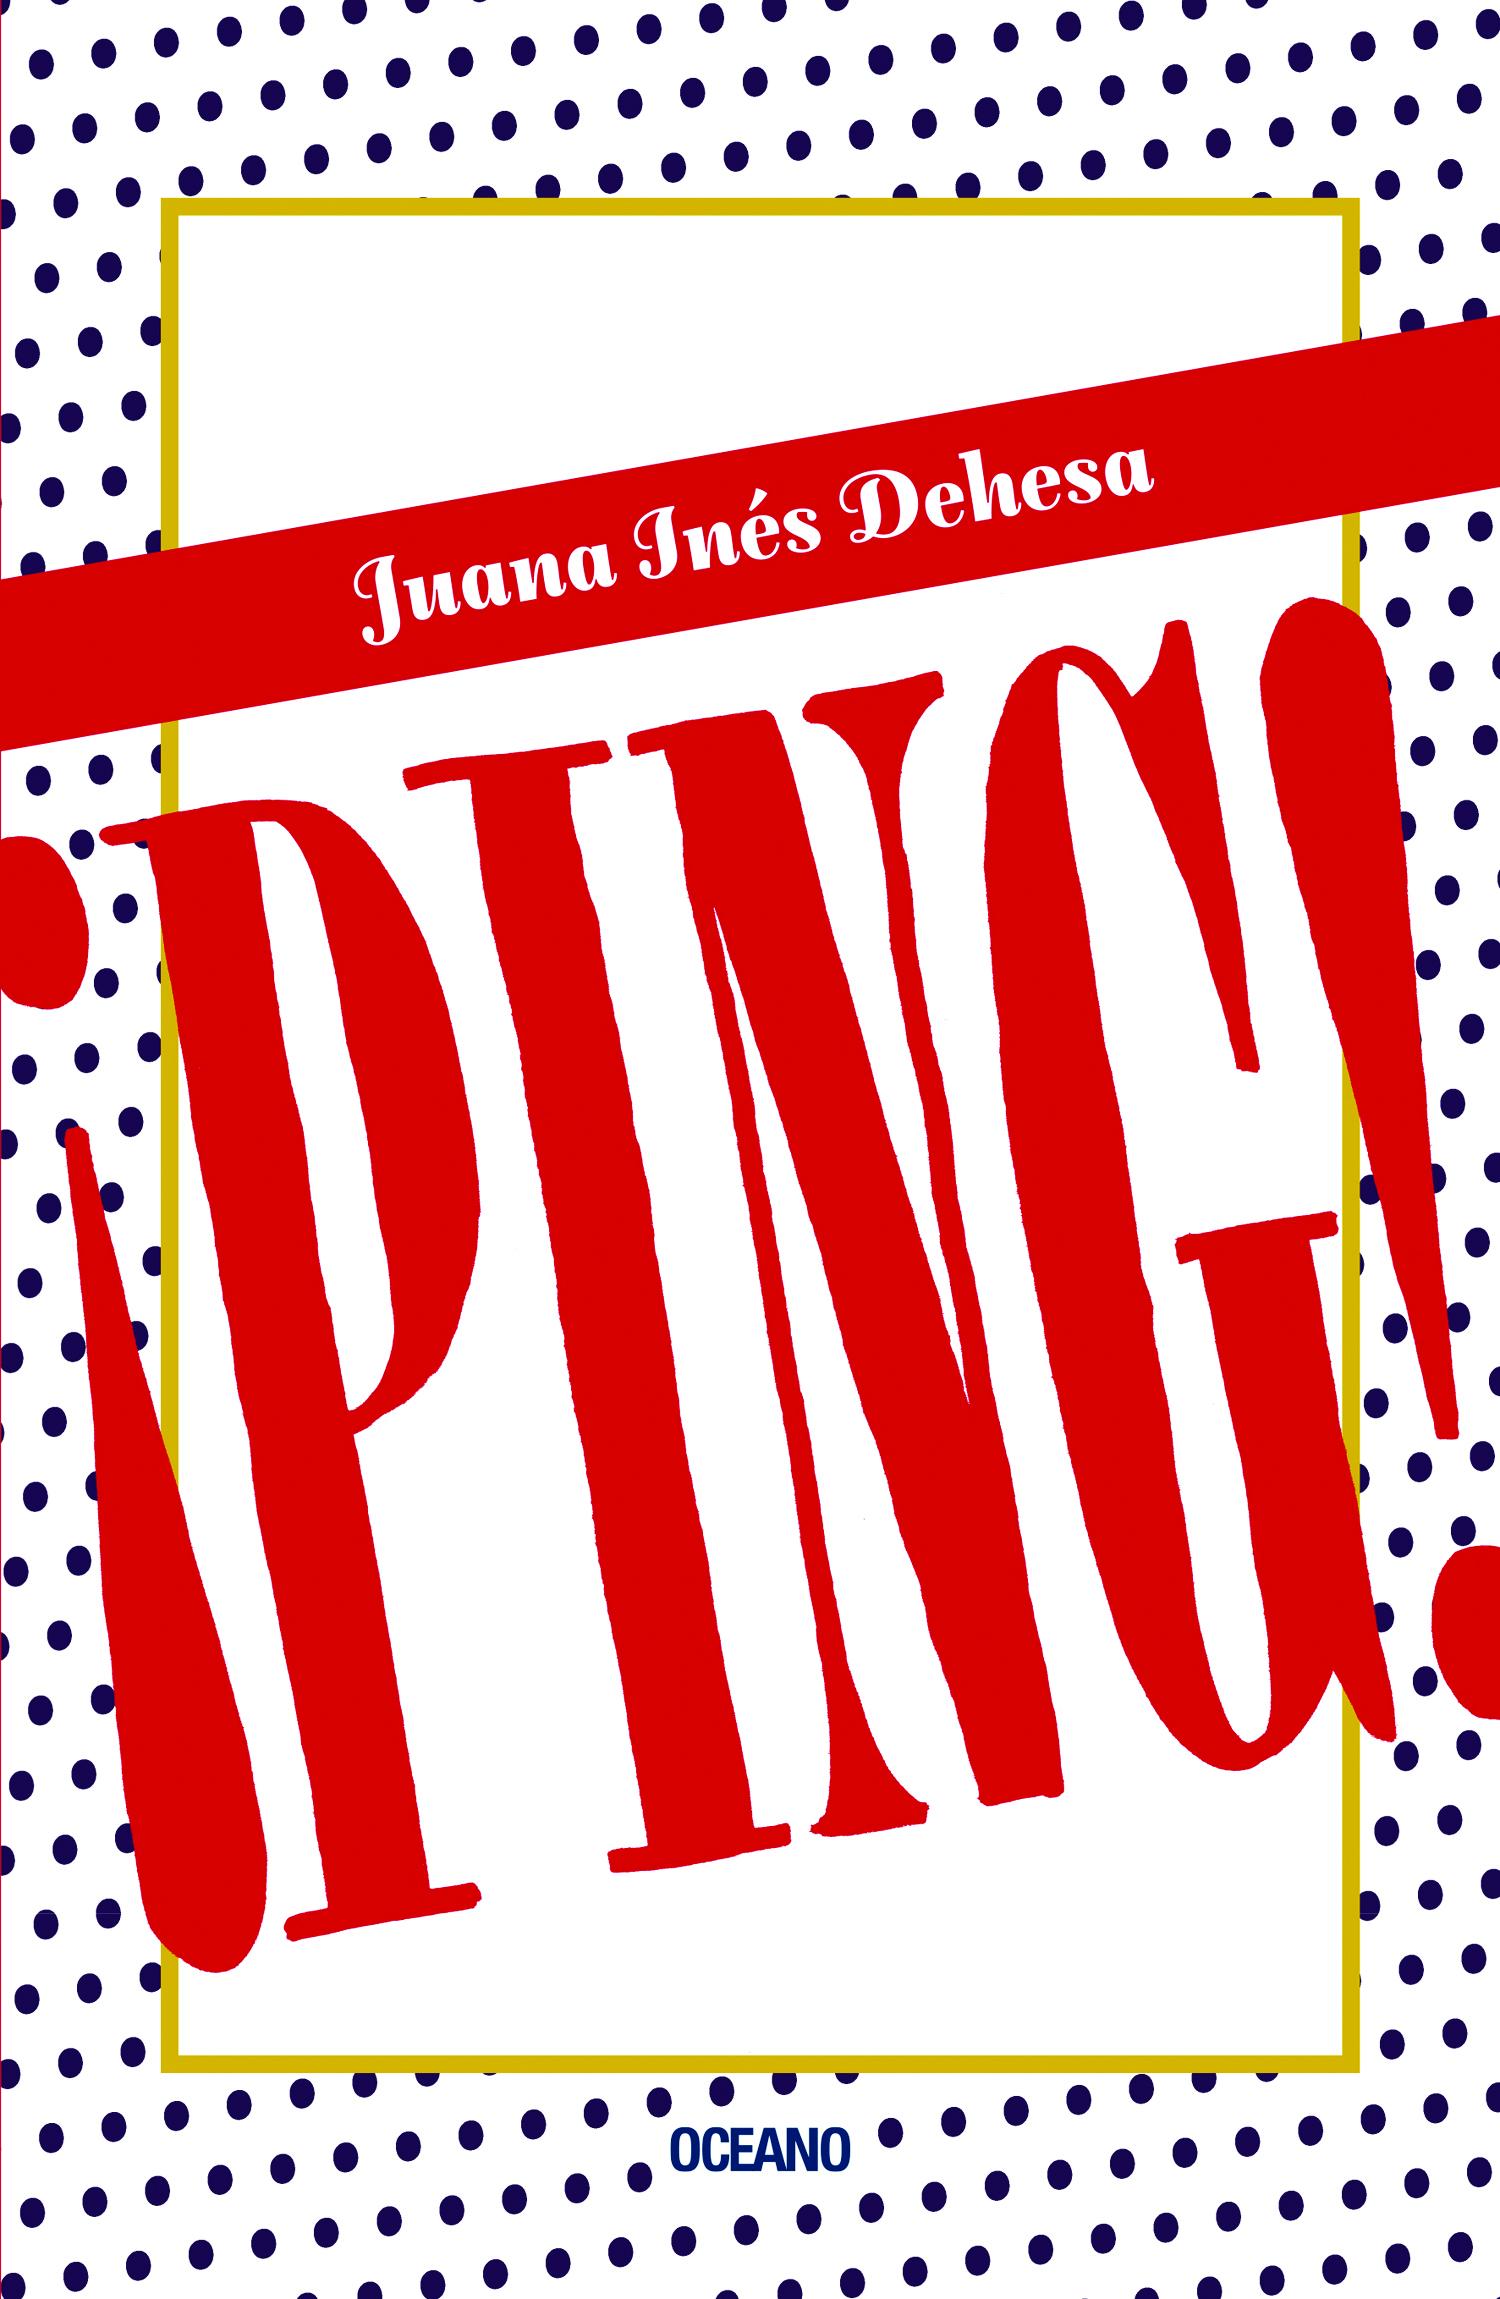 Ping; Juana Ines Dehesa